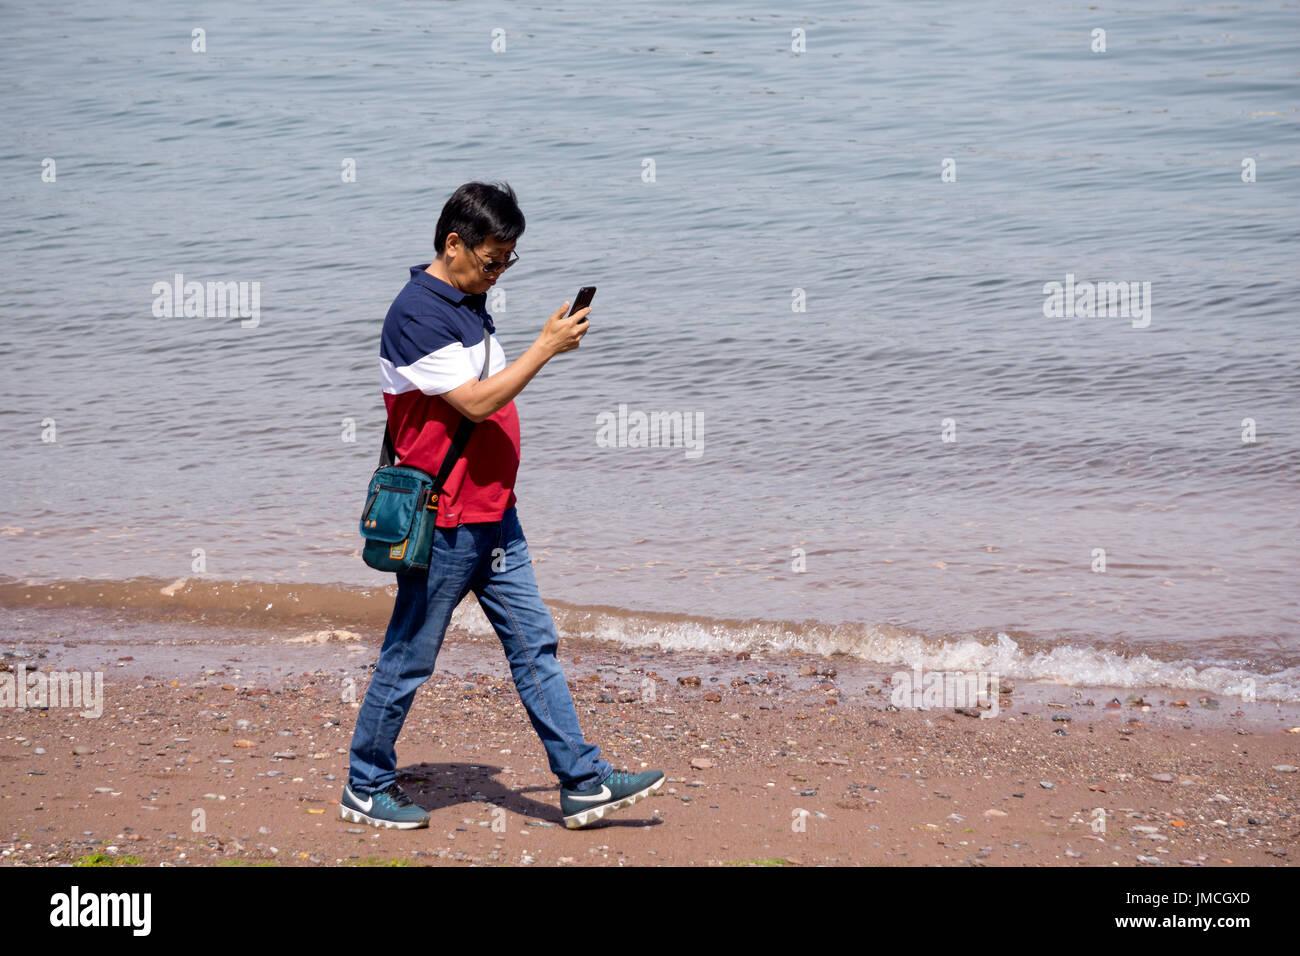 Man walking along the beach looking at his phone - Stock Image